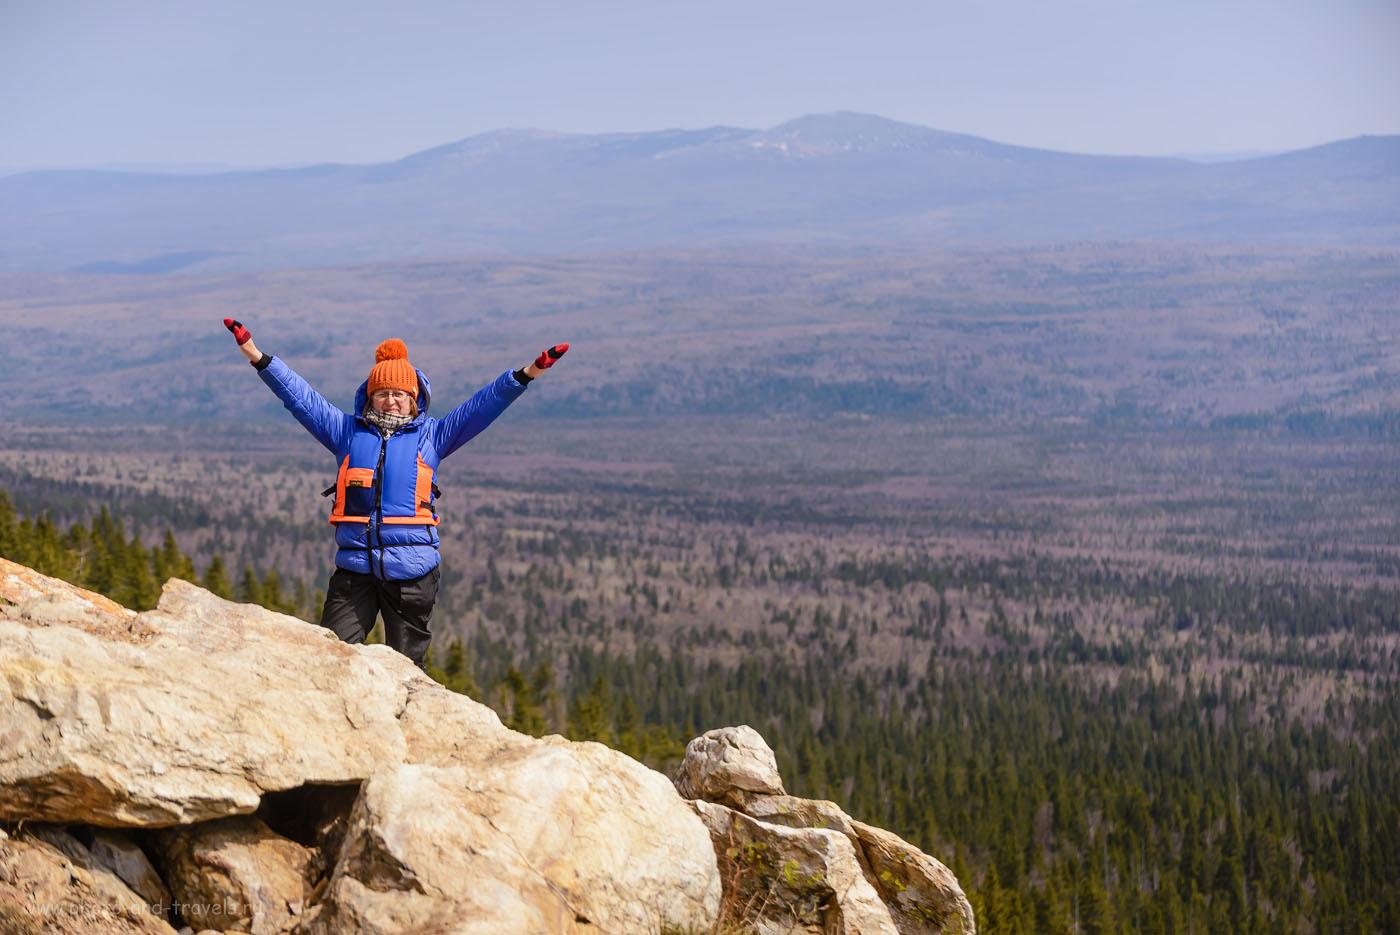 Фото 26. Фотосессия у вершины хребта Зюраткуль. Вот зачем нужно ехать в путешествие в Челябинскую область! 1/2500, 4.5, 400, 100.